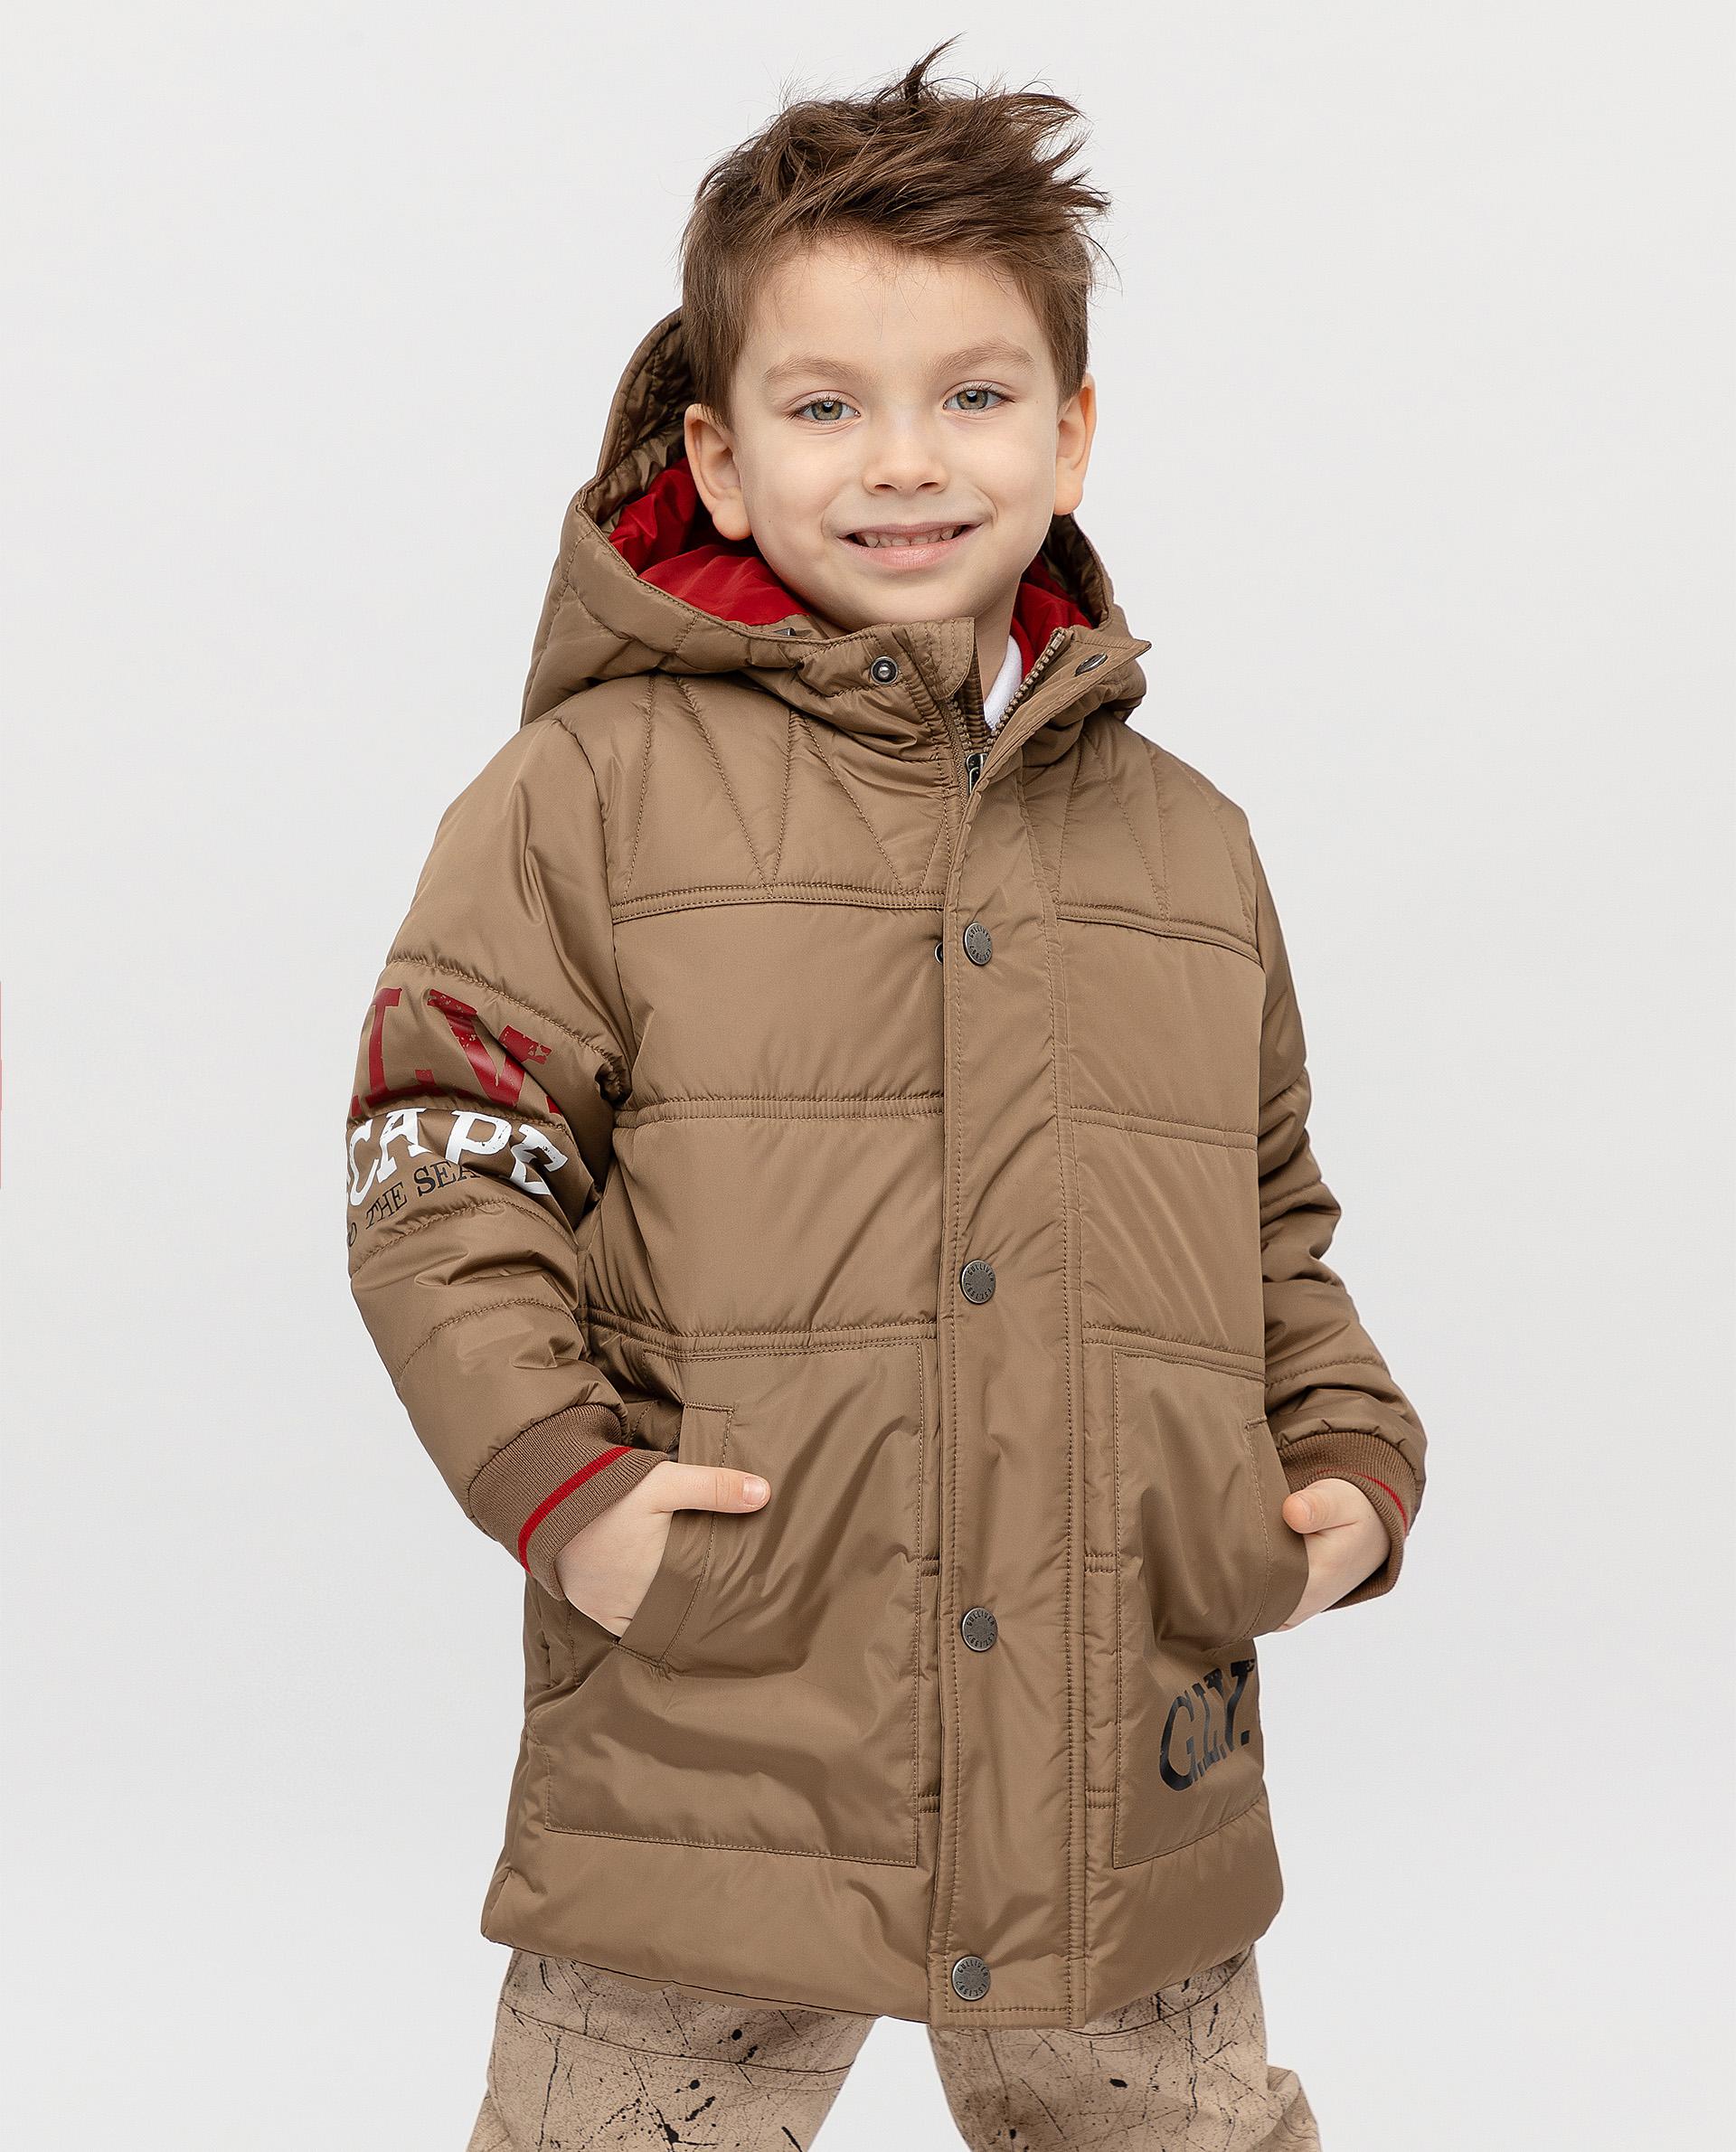 12005BMC4103, Куртка для мальчиков Gulliver, цв. бежевый, р.98,  - купить со скидкой